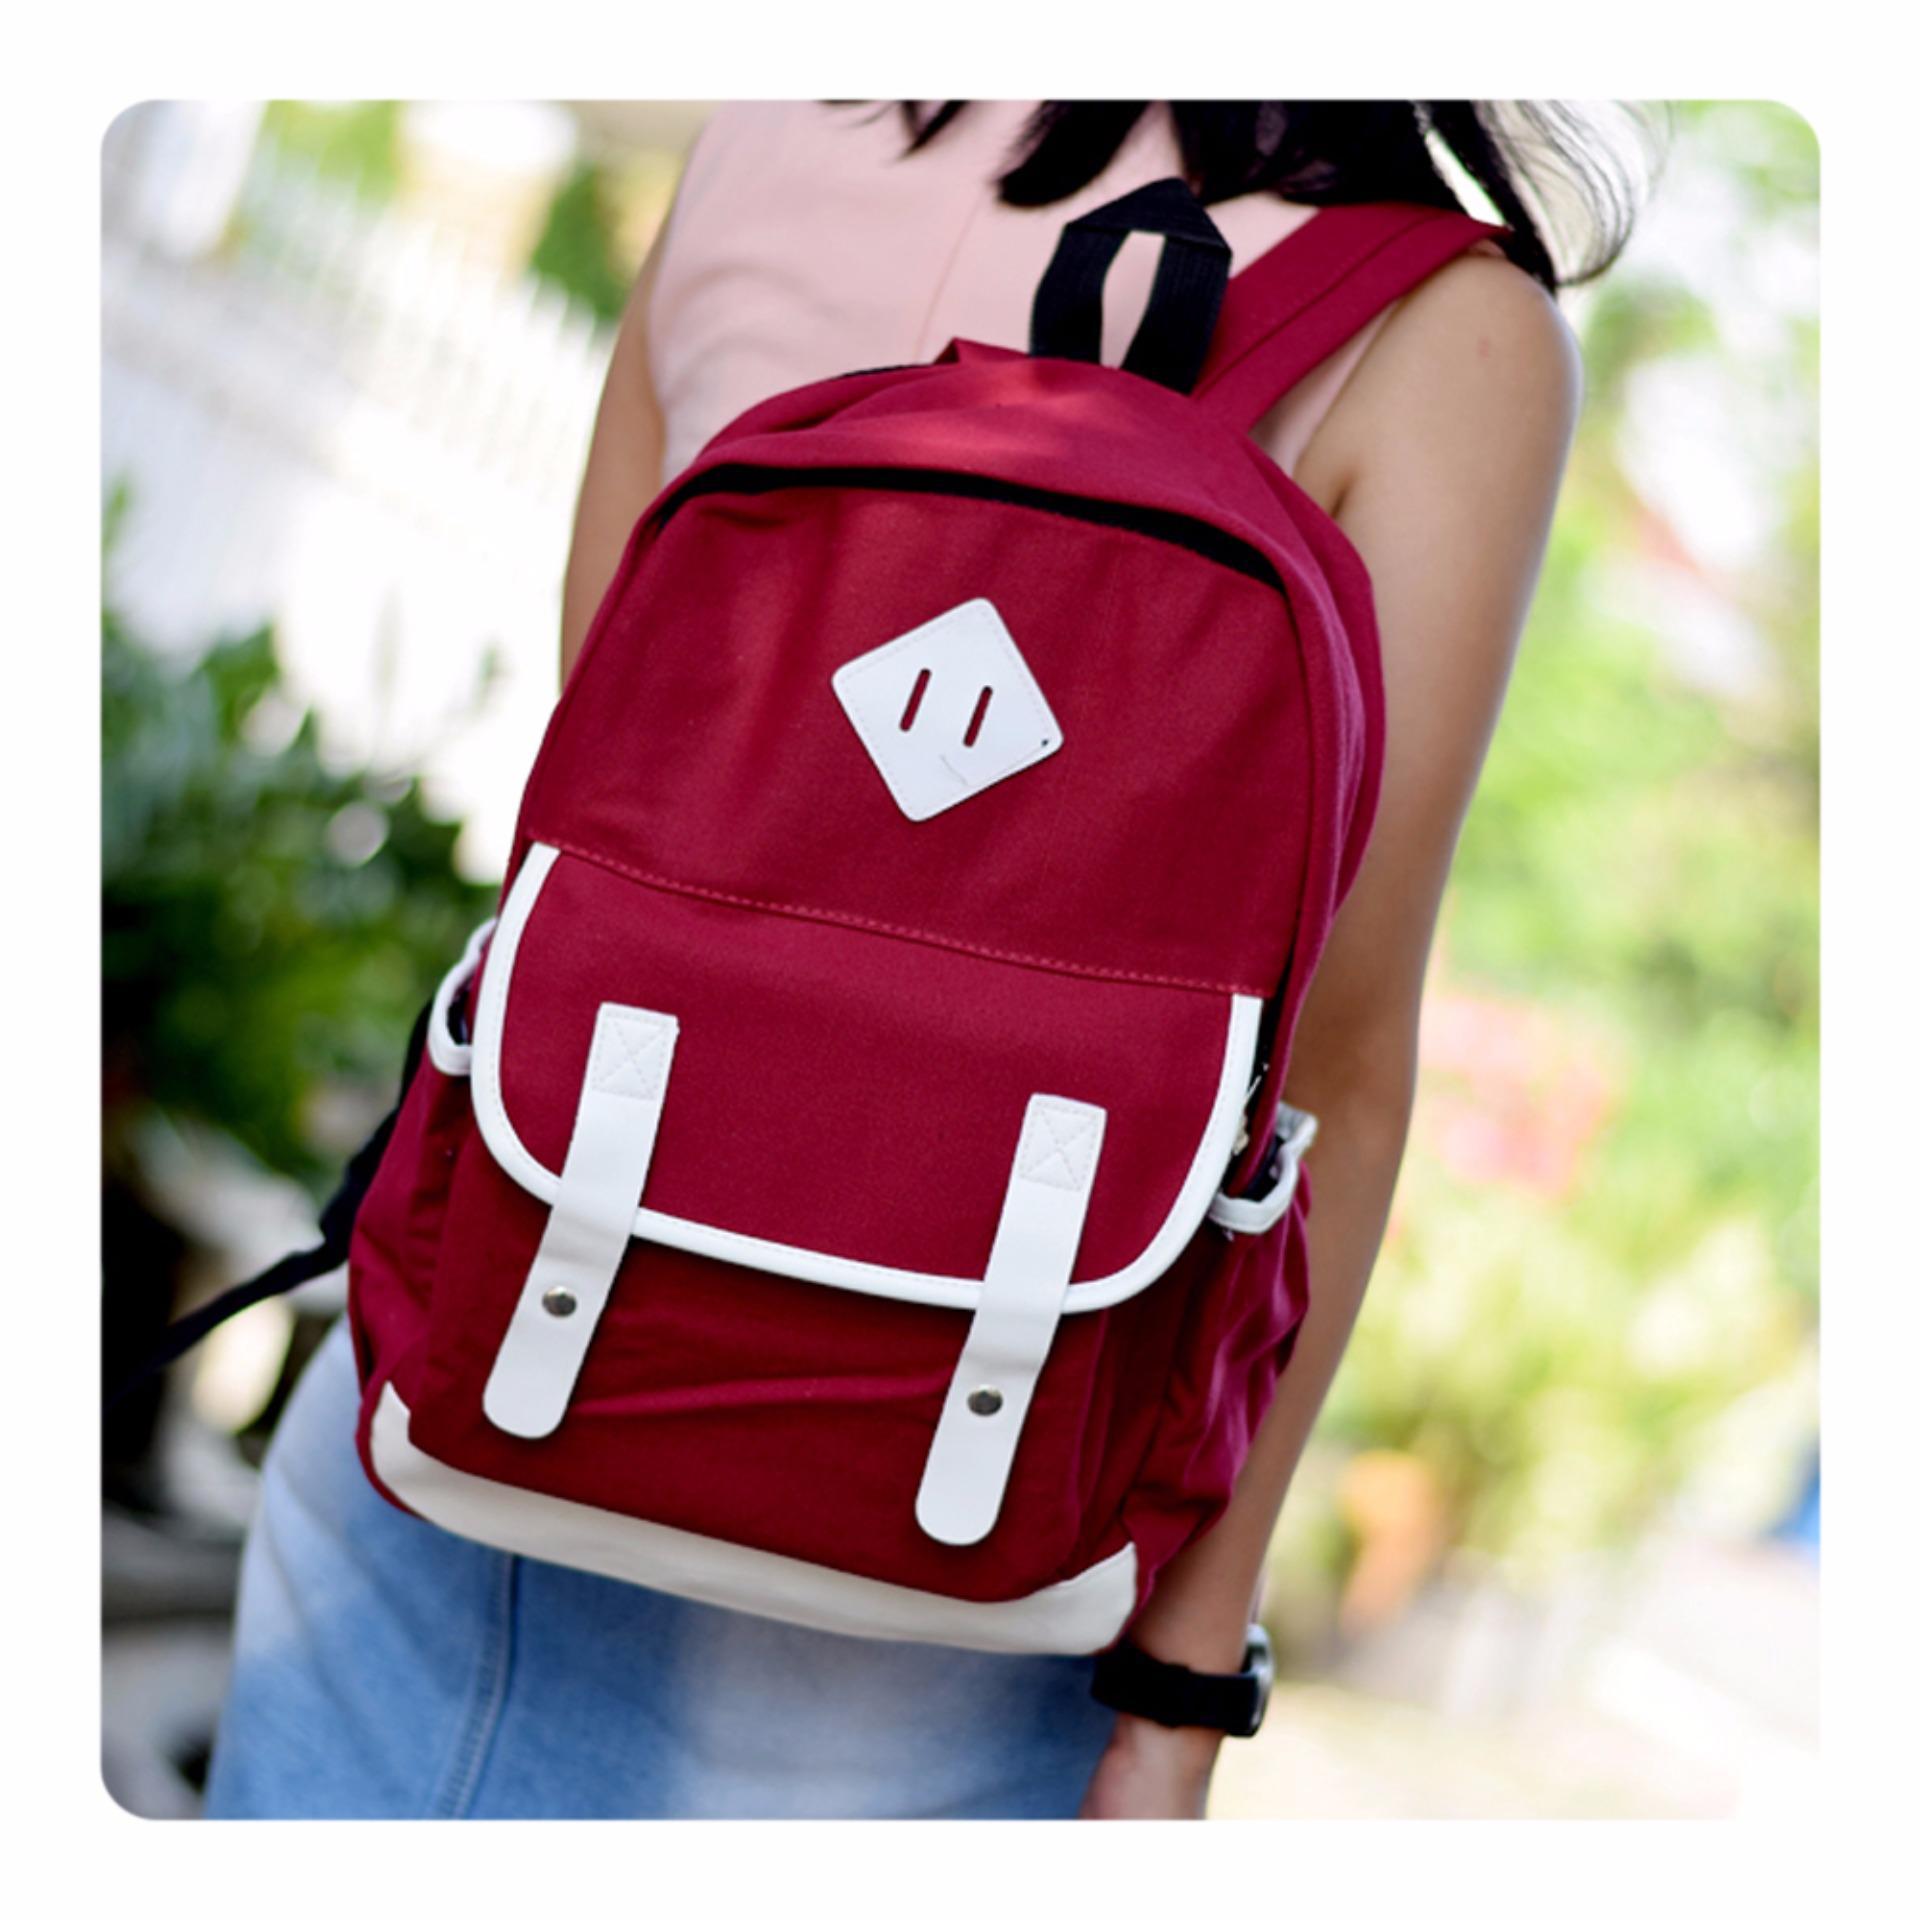 Ultimate Tas Pria   Wanita JS-8191 - Red   Tas Pria Ransel Backpack Sekolah 64bc220e37